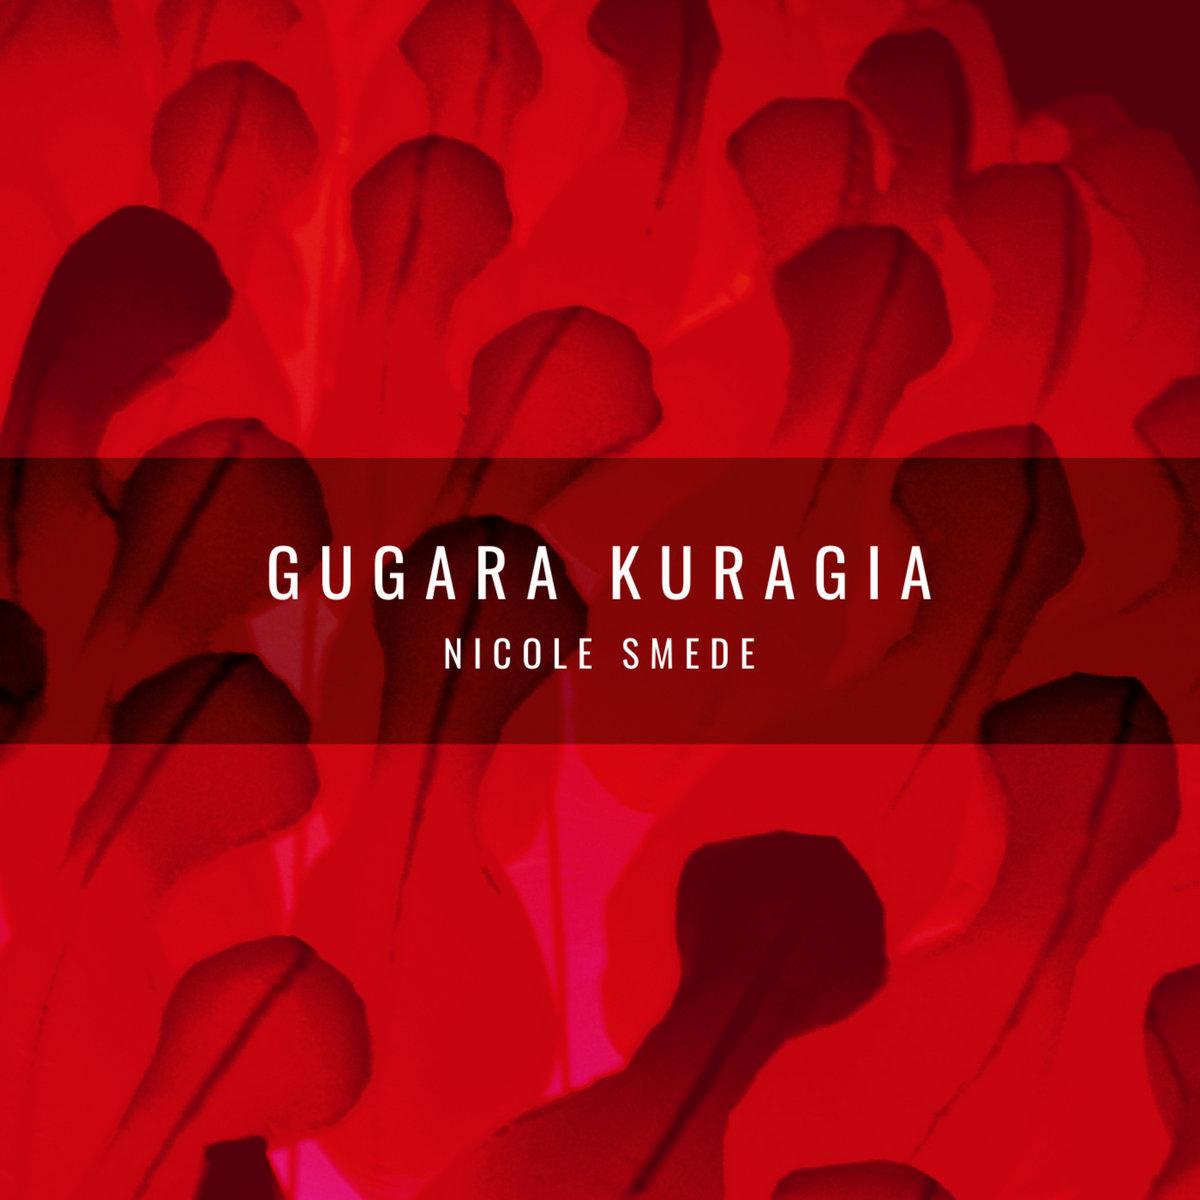 Gugara Kuragia by Nicole Smede